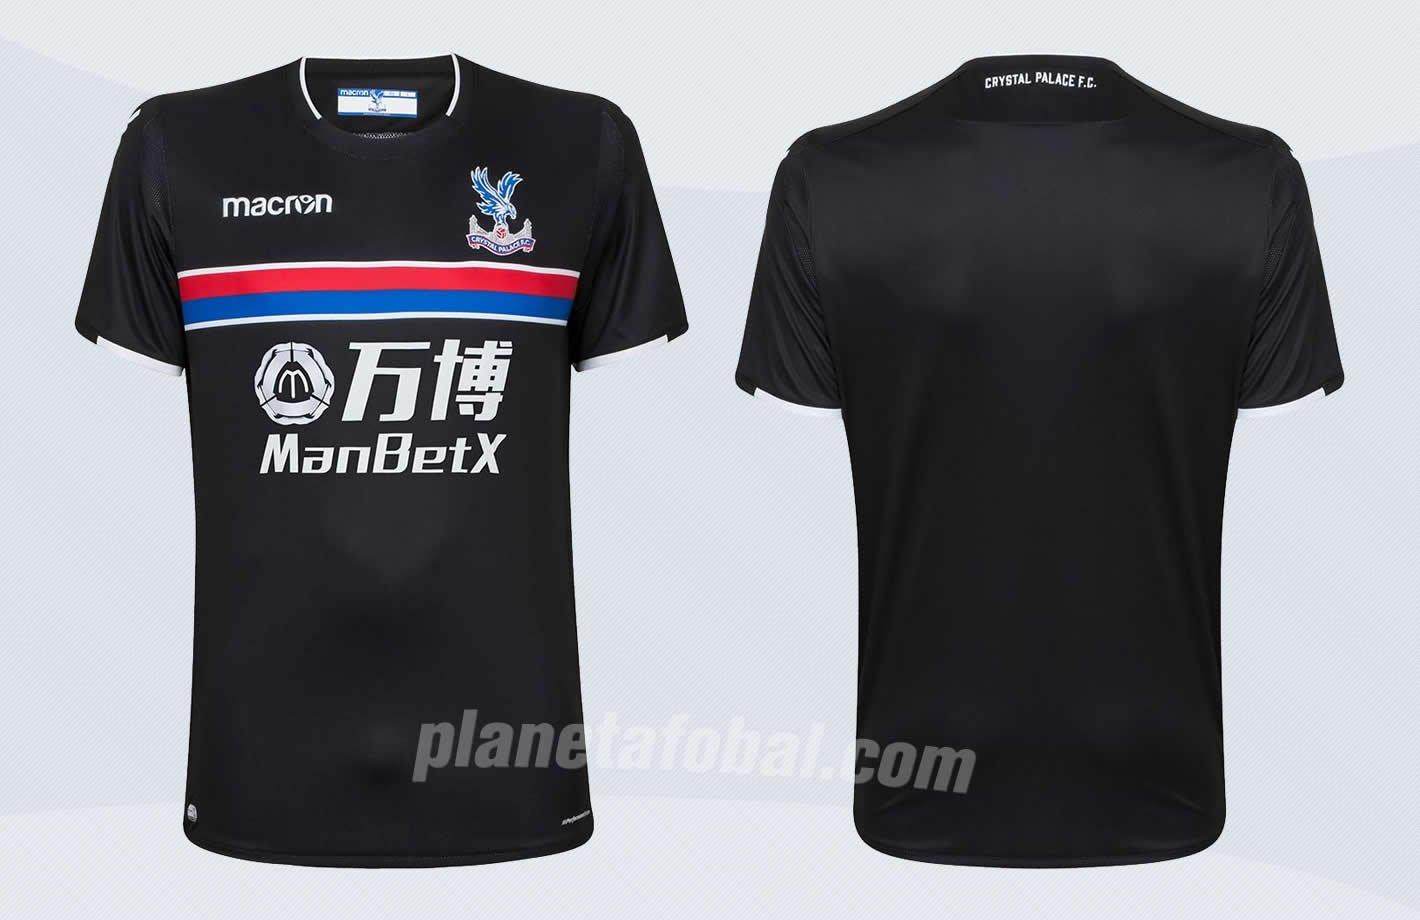 Camiseta suplente Macron del Crystal Palace | Imágenes Web Oficial